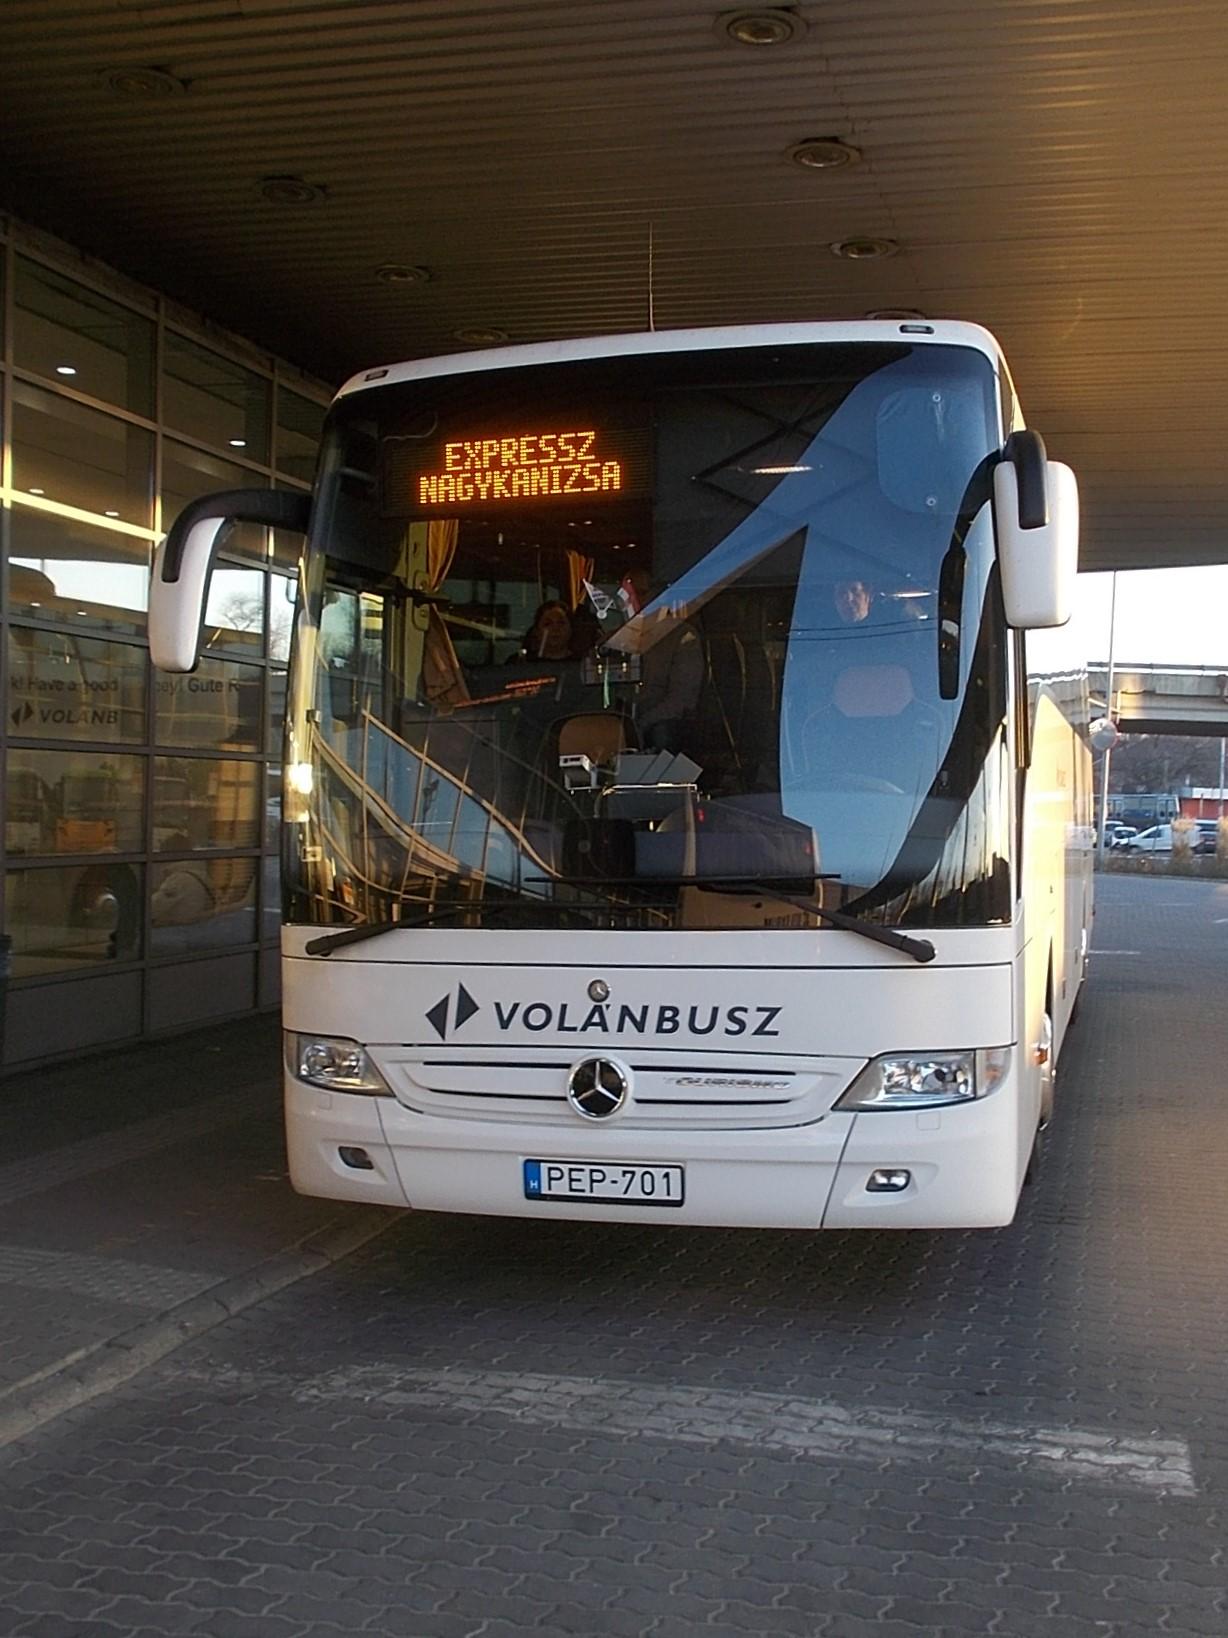 A vasúti és közúti párhuzamosságok felszámolásának részeként a Volánbusz augusztus 1-jétől megszünteti számos, Budapest és Zala megye közötti közvetlen járatát